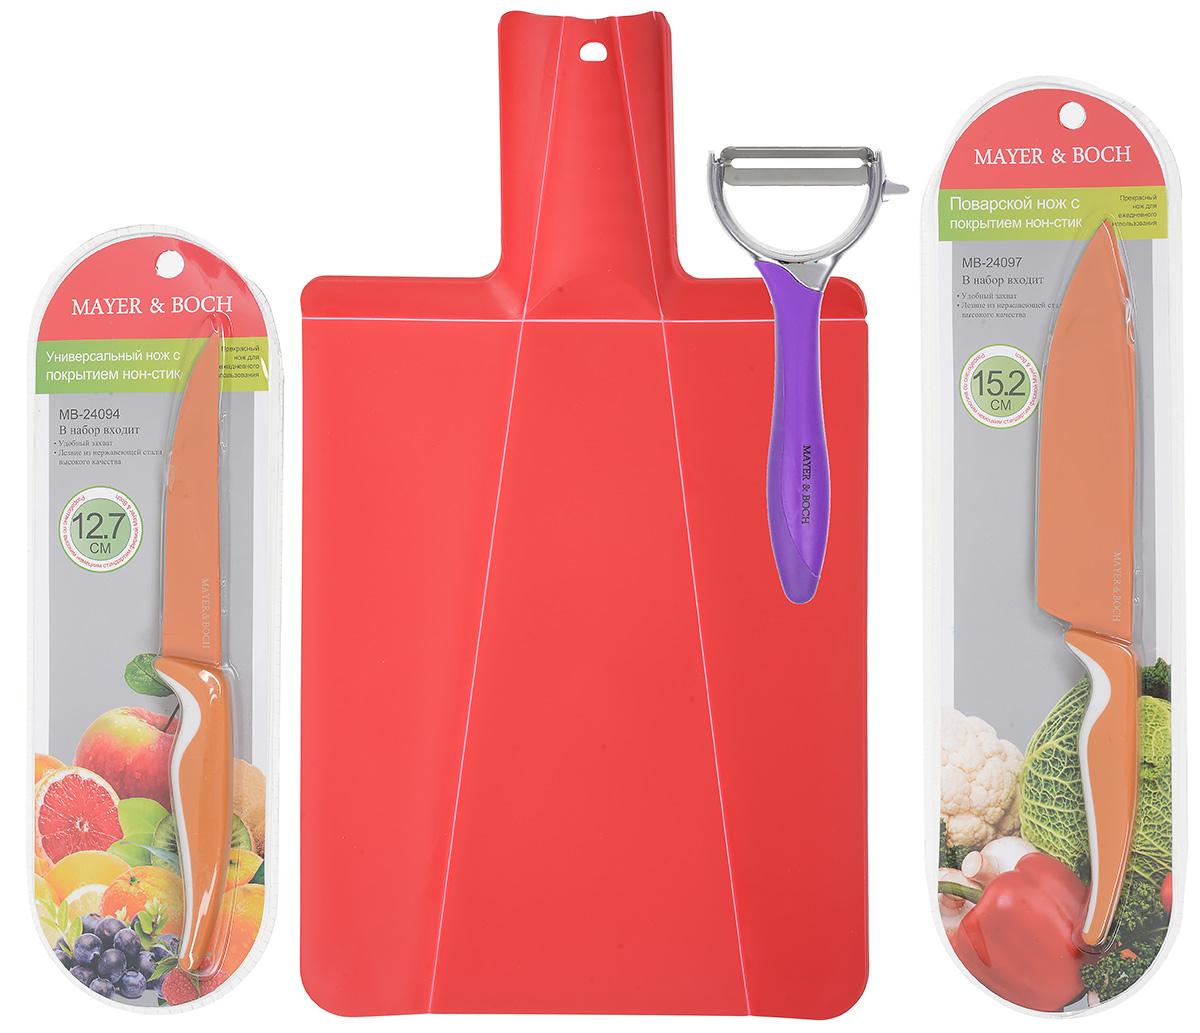 Набор для кухни Mayer & Boch, цвет: красный, оранжевый, фиолетовый, 4 предмета24094_красный, оранжевый, фиолетовыйНабор для кухни Mayer & Boch включает разделочную доску, поварской нож, универсальный нож и картофелечистку. Складная разделочная доска выполнена из пищевого полипропилена. Трансформация достигается за счет подвижных сгибов материала. Умный дизайн рукоятки позволяет с легкостью складывать, а также разворачивать доску. При сжатии ручки края доски складываются, образуя форму лотка. Это позволяет с легкостью и быстротой переносить нарезанные продукты. Эта доска не помнется, не сломается, не пойдет трещинами, что выгодно отличает ее от деревянных. В набор также входит поварской нож и универсальный нож. Лезвия ножей выполнены из нержавеющей стали с покрытием non-stick, которое предотвращает прилипание продуктов. Рукоятка выполнена из полипропилена и снабжена прорезиненными вставками. Специальный дизайн рукоятки обеспечивает комфортный и легко контролируемый захват. Ножи идеальны для ежедневной резки фруктов, овощей, мяса и других продуктов. ...